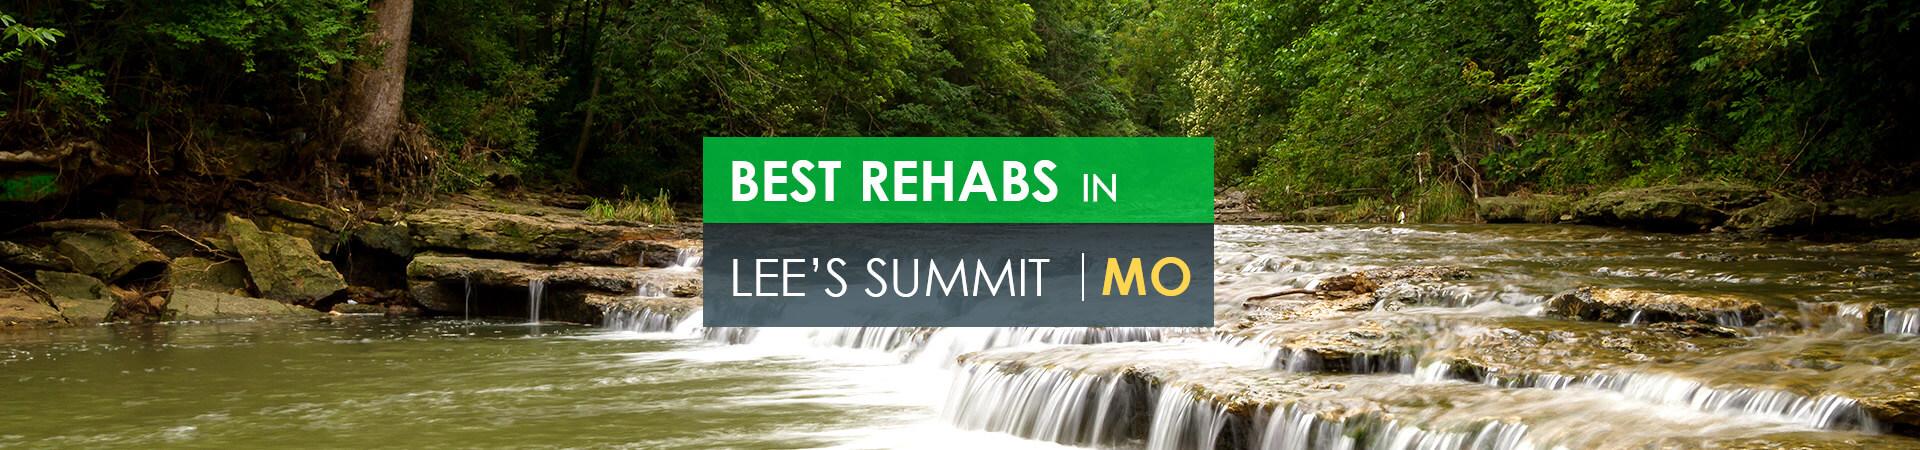 Best rehabs in Lees Summit, MO